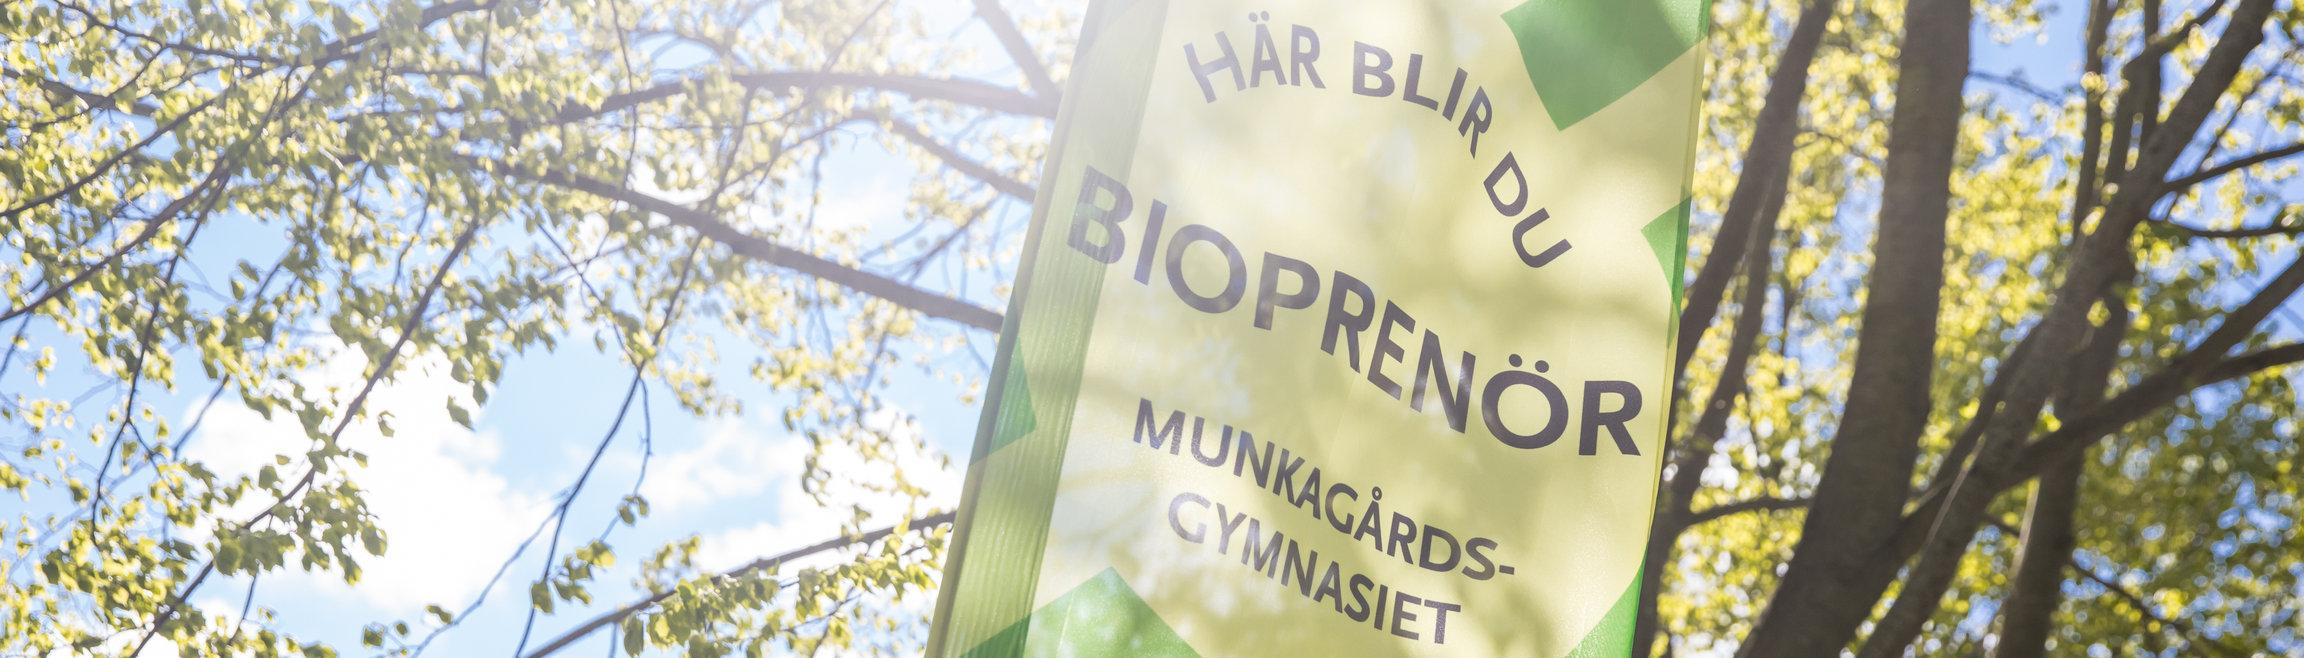 En grön beachflagga med texten här blir du bioprenör.